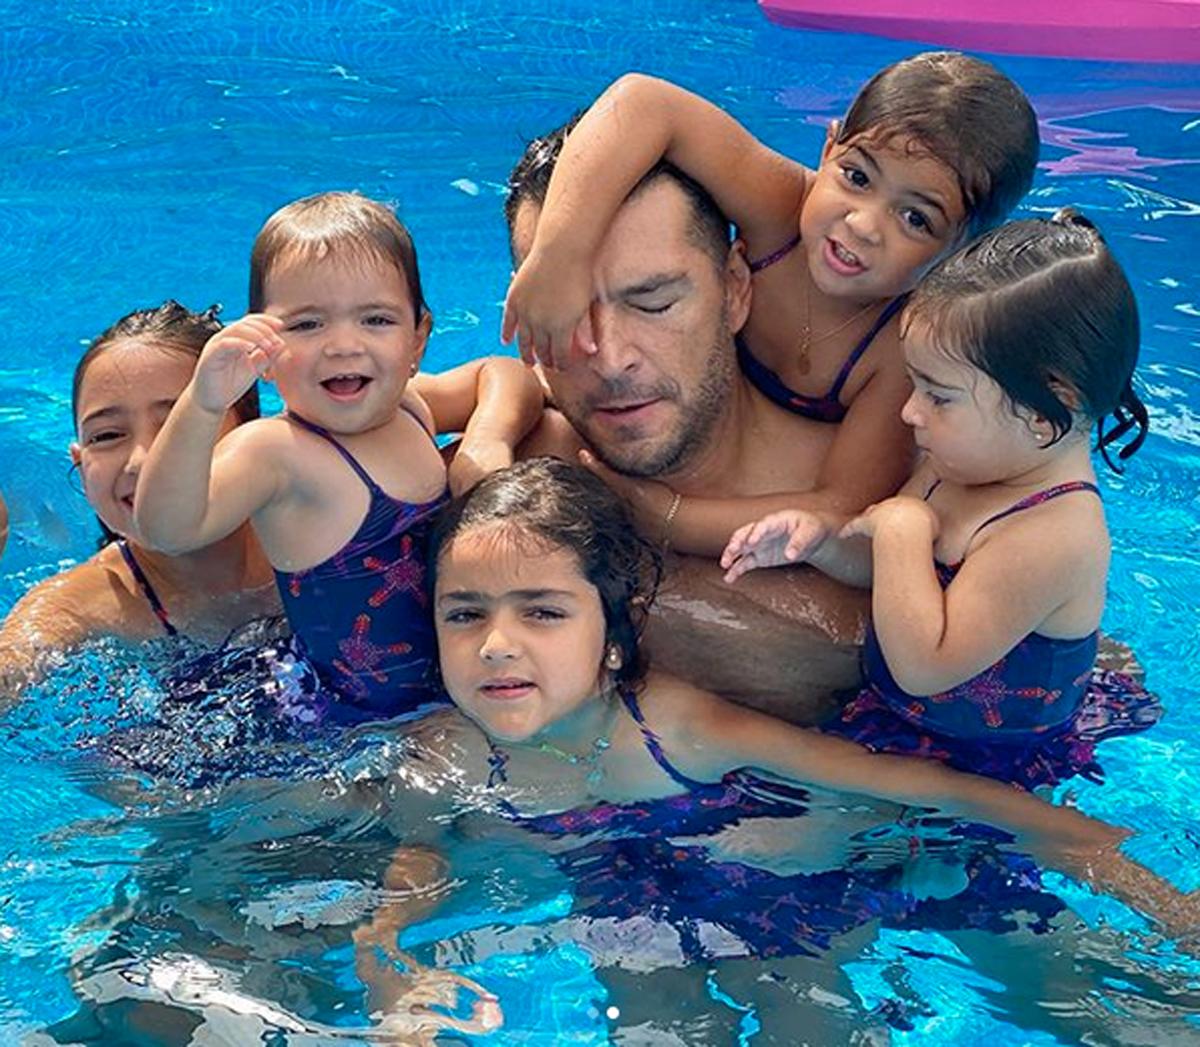 Martin Fuentes hijas Jacky Bracamontes